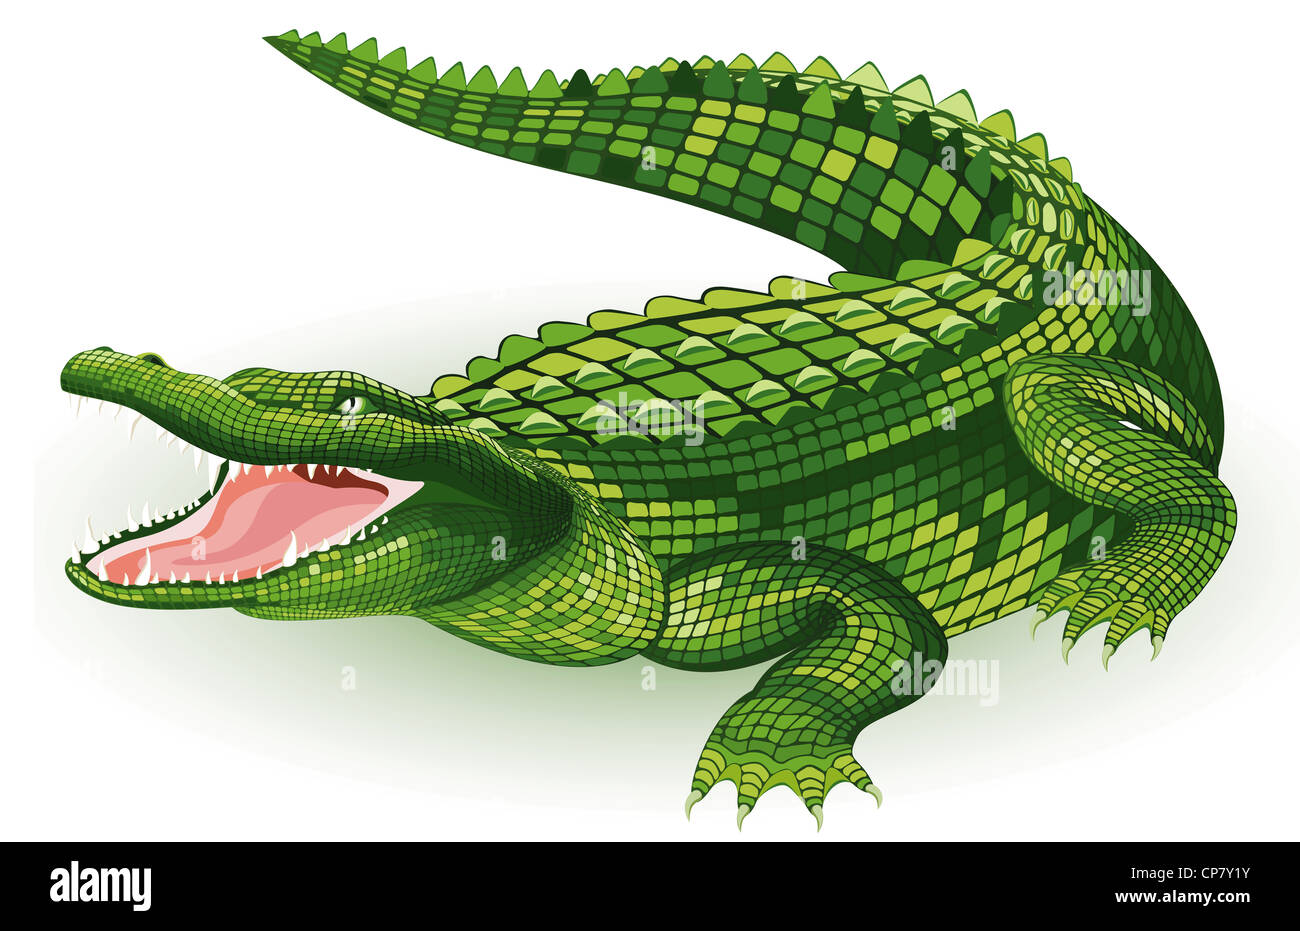 Fantastisch Anatomie Eines Alligators Ideen - Anatomie Von ...